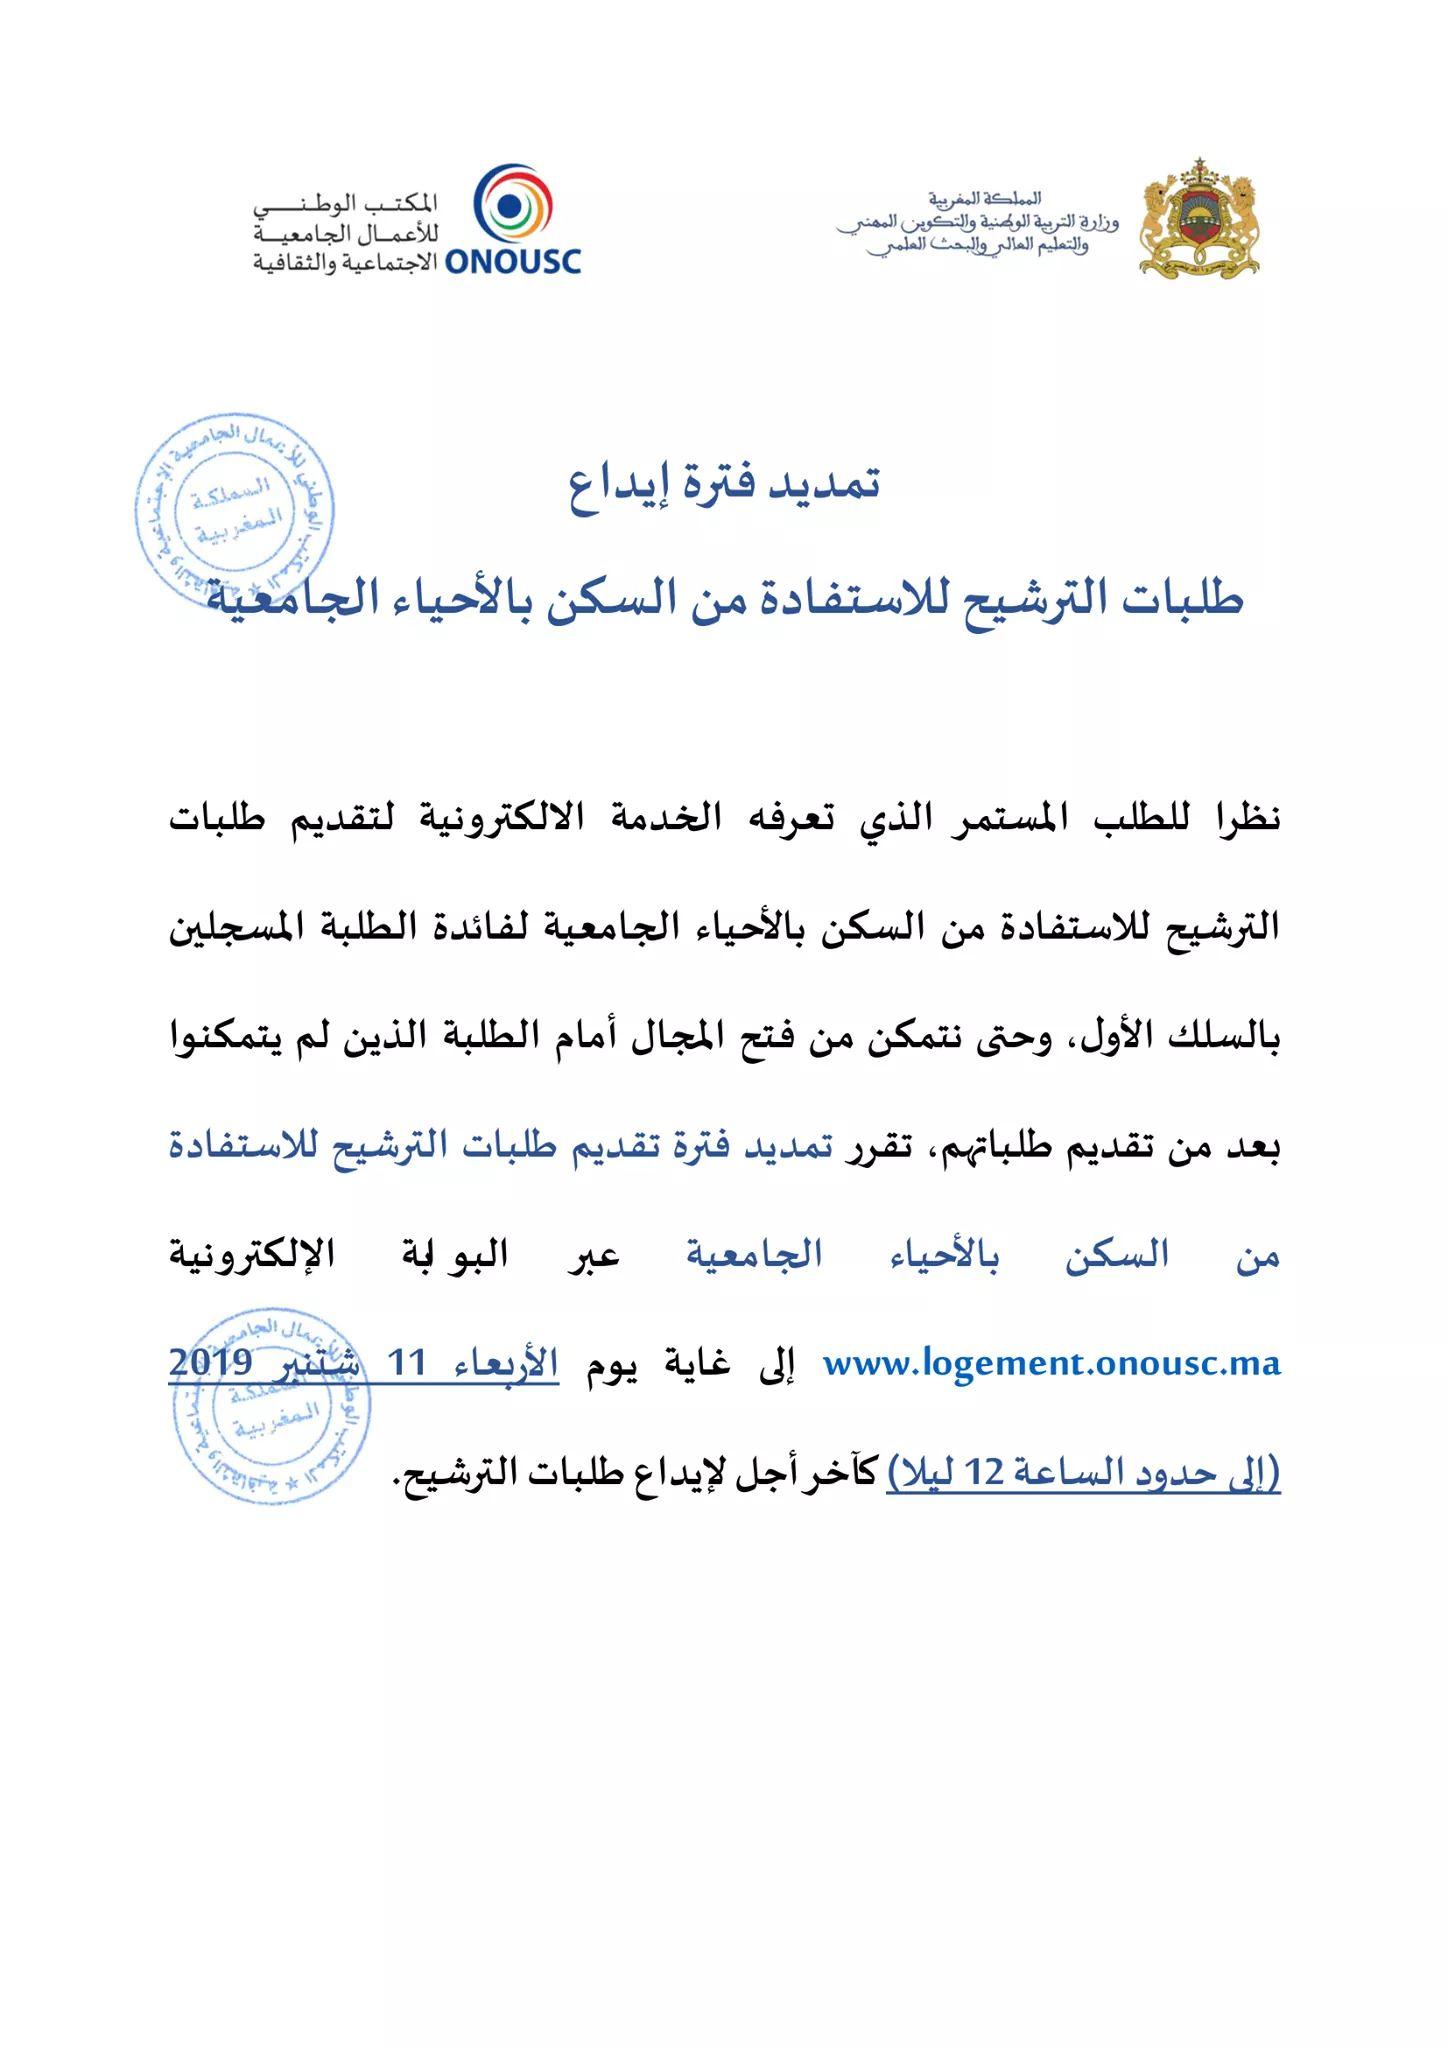 بلاغ الوزارة بخصوص تمديد أجل تقديم طلبات الاستفادة من السكن الجامعي